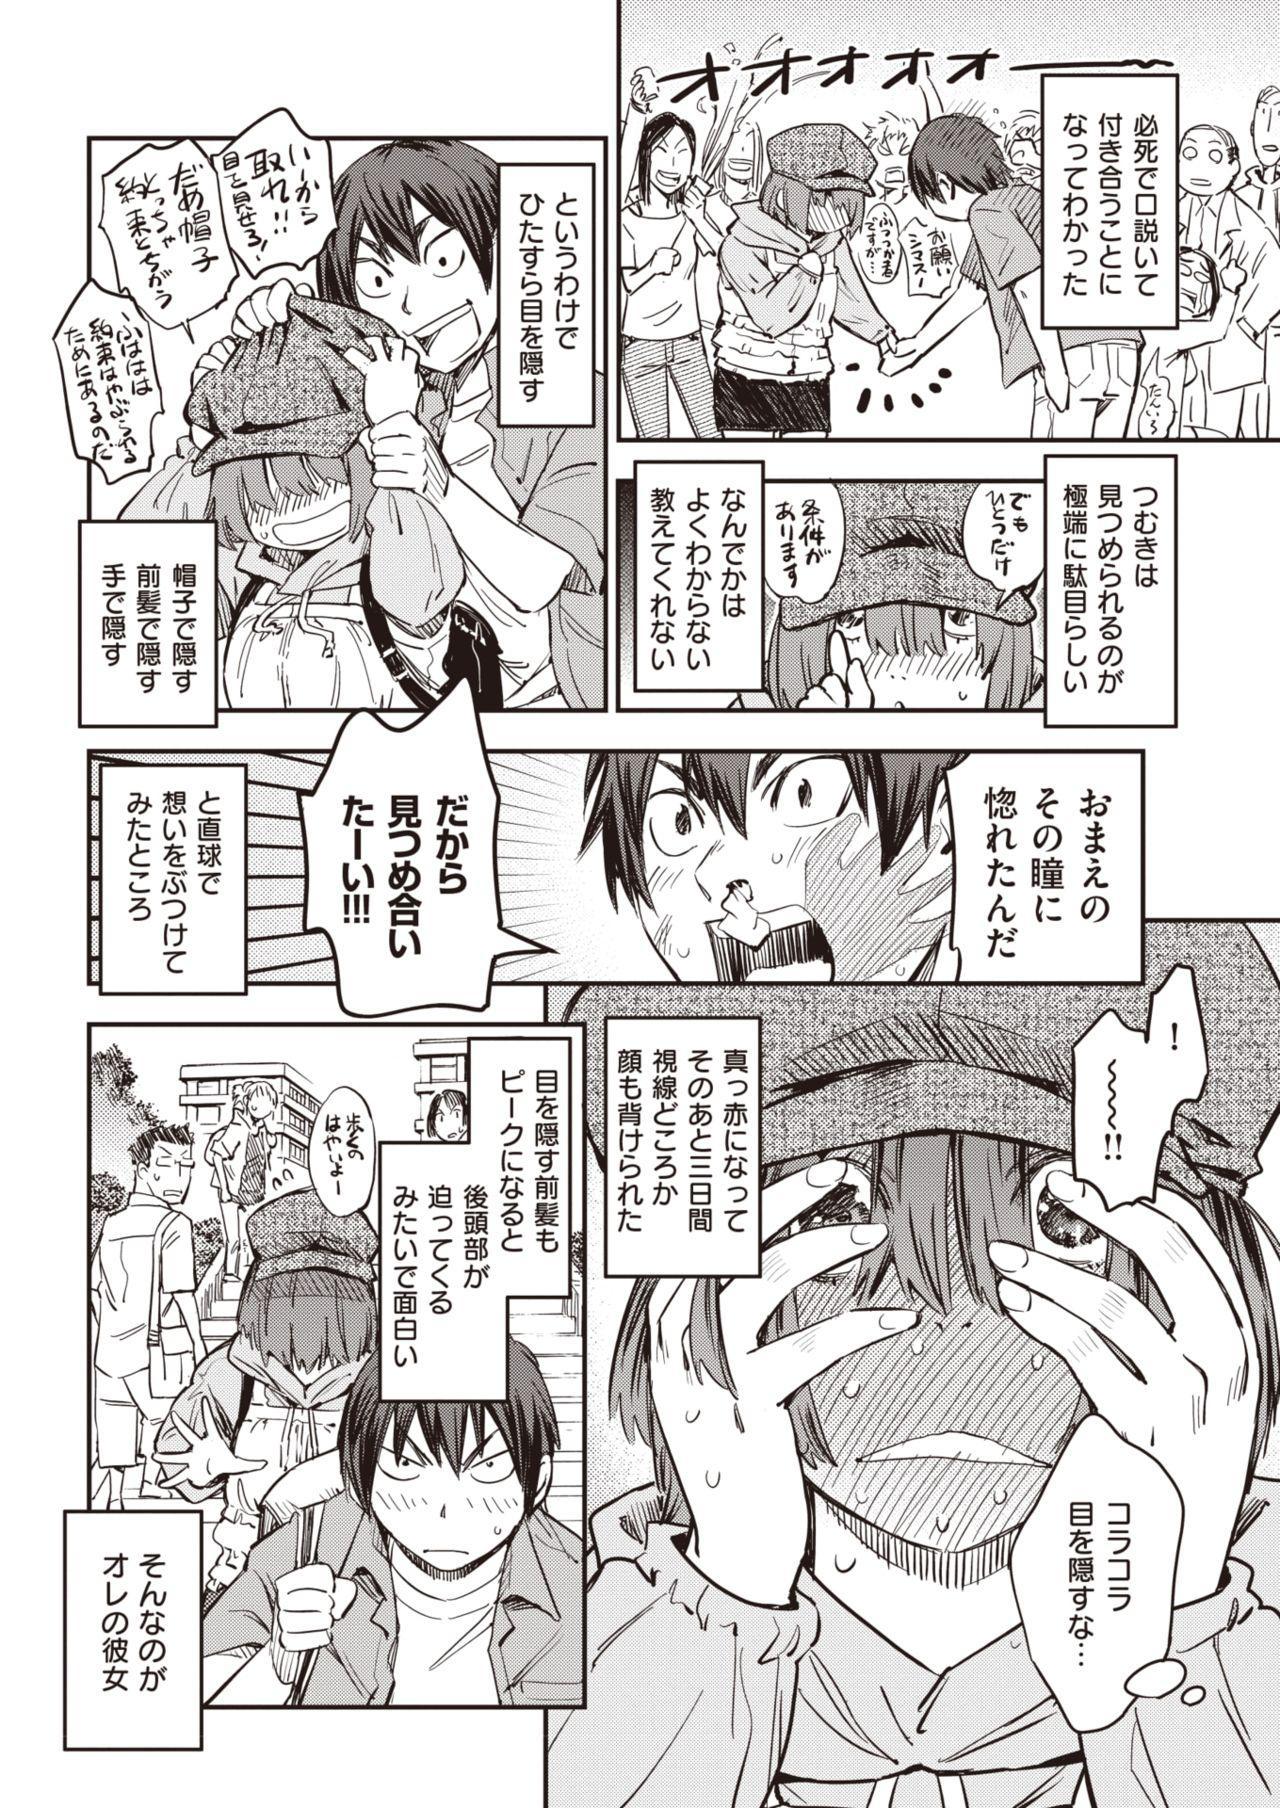 COMIC Kairakuten 25 Shuunen kinen tokubetsugou 164